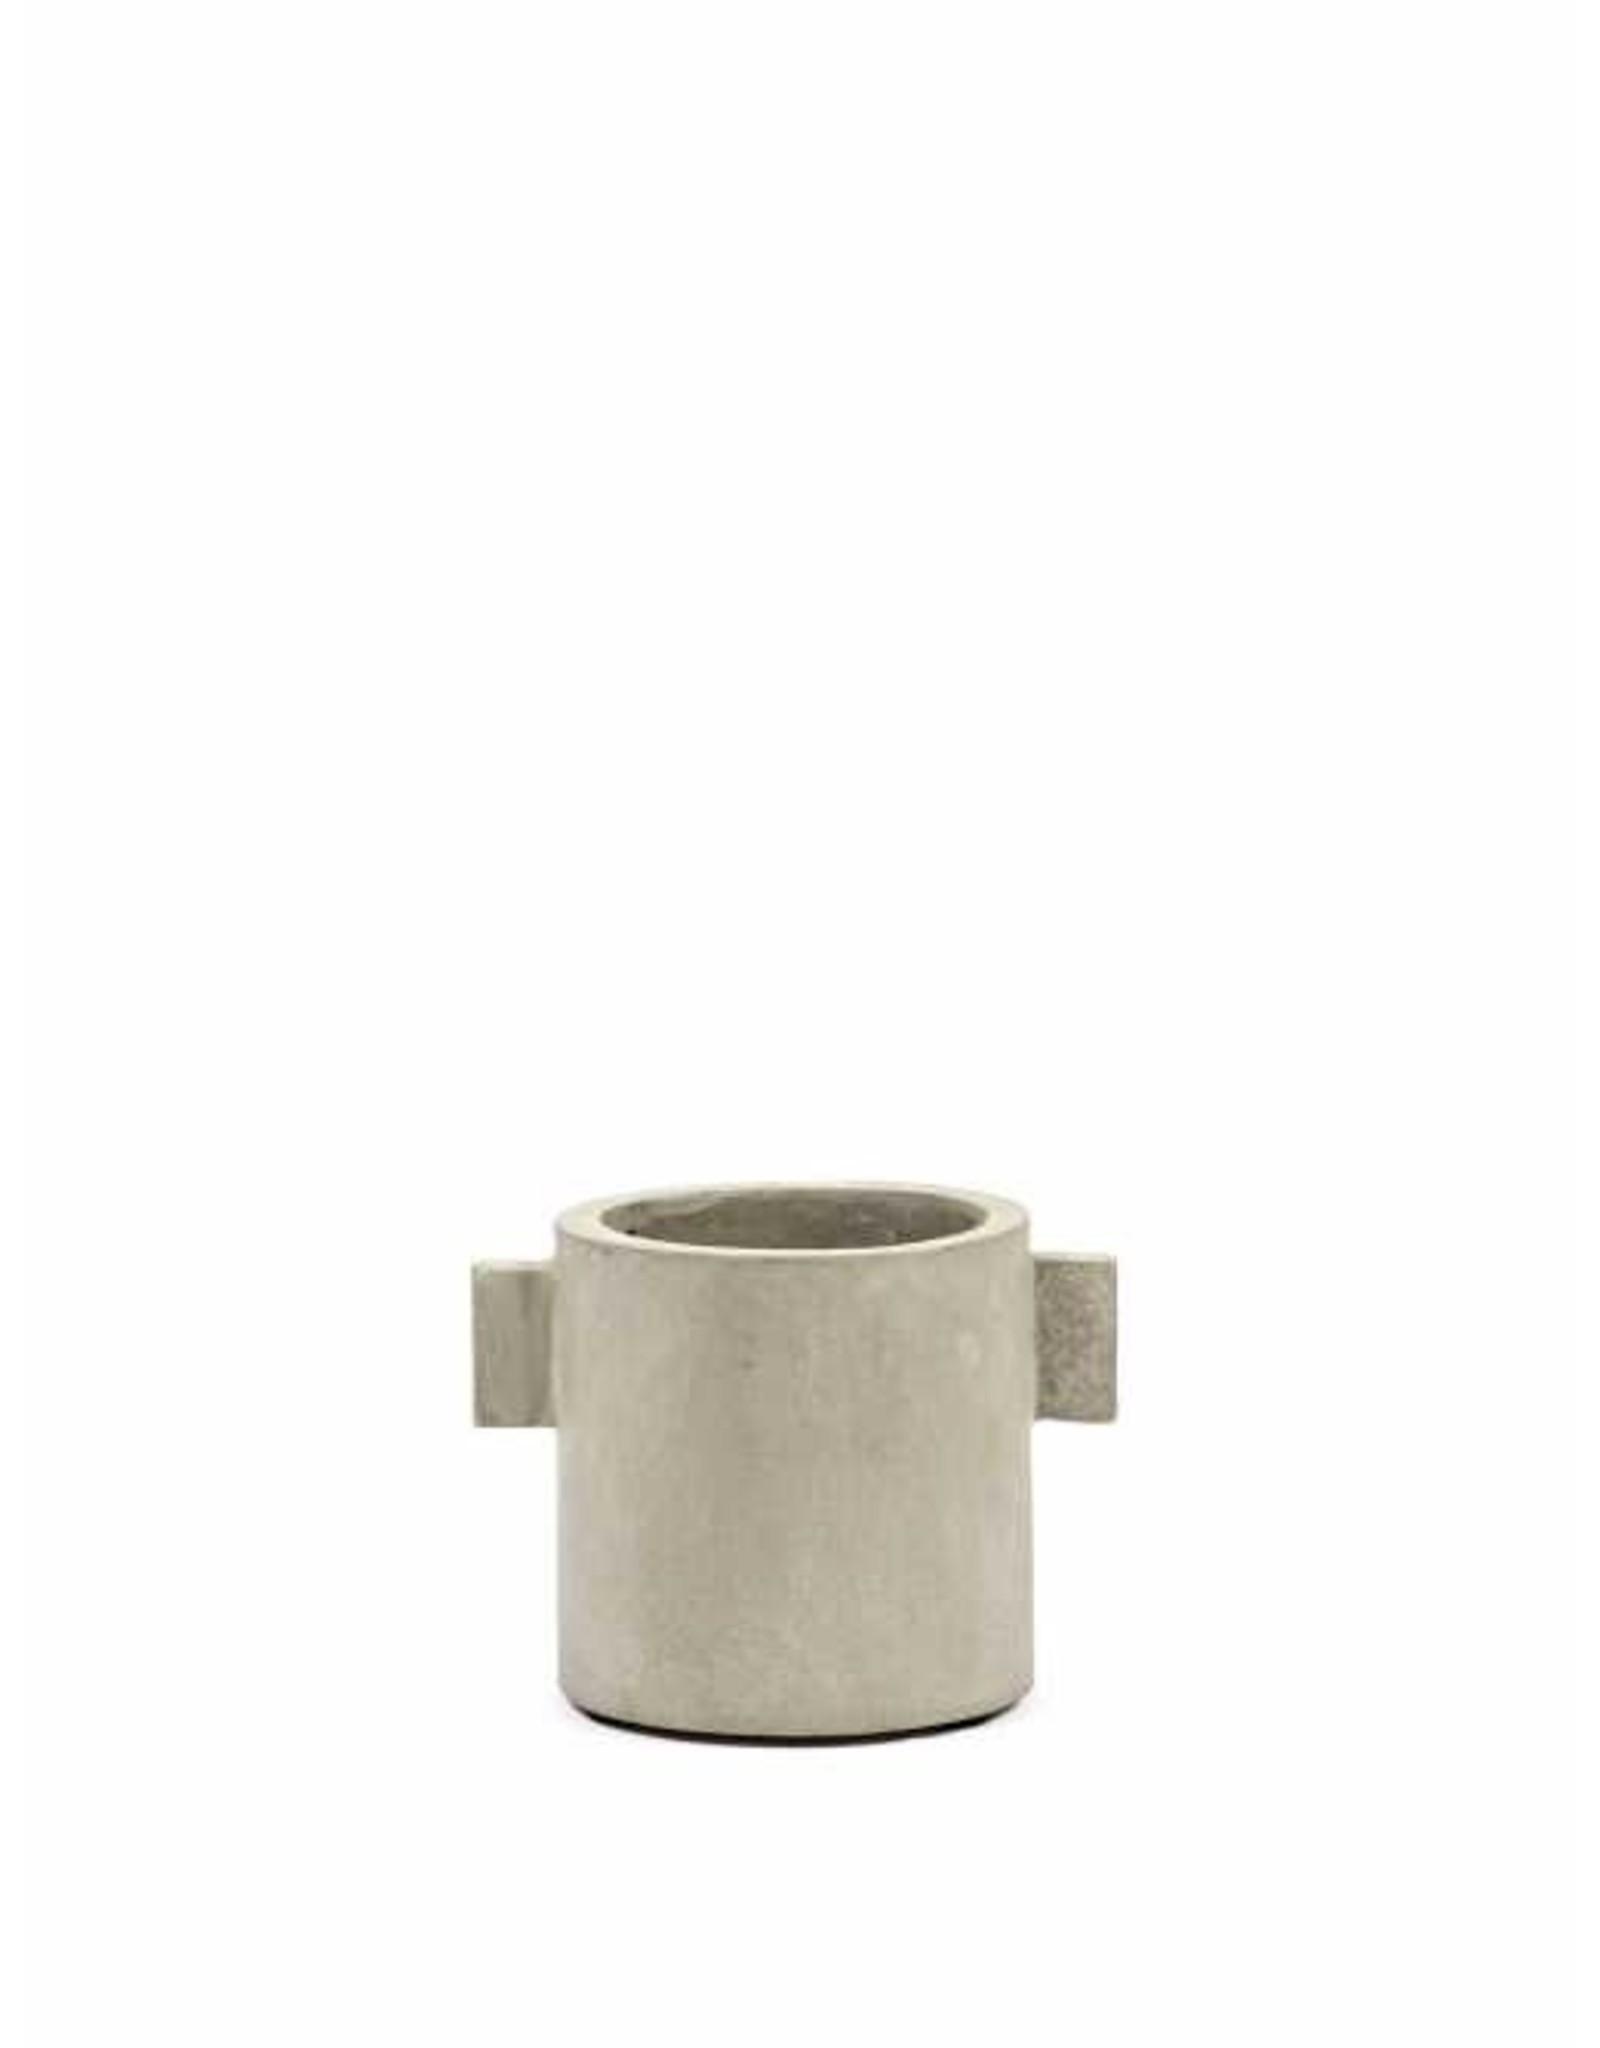 Serax Pot' Concrete' -  13 x 13 cm